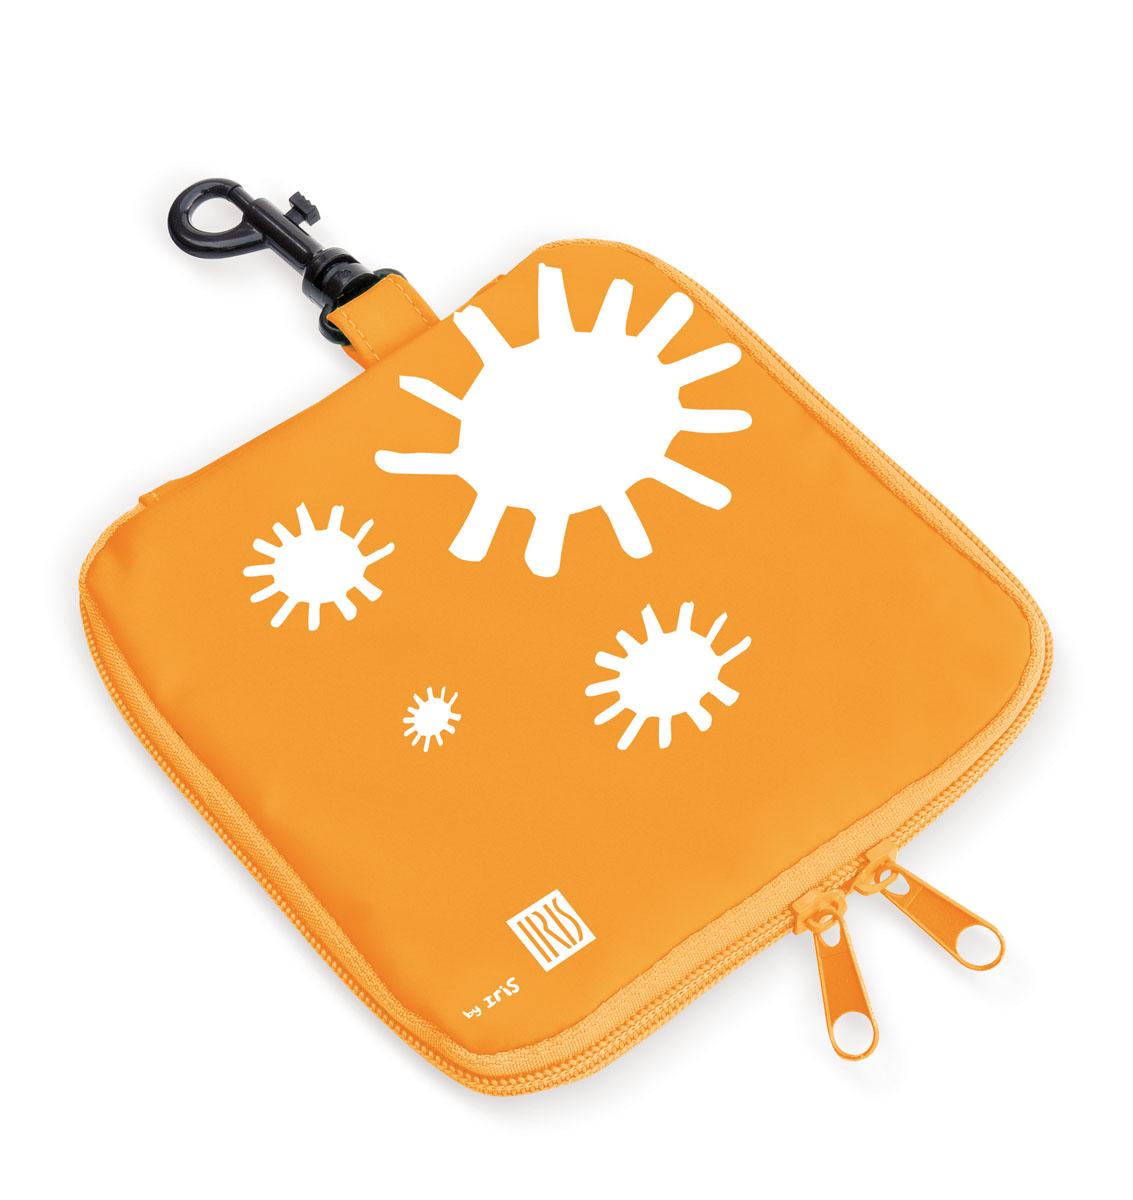 Термобутербродница мягкая Iris Barcelona Kids, цвет: оранжевый, 16 см х 16 см9929-TNМягкая термобутербродница Iris Barcelona Kids идеально подходит, чтобы взять в школу, на прогулку или в поездку. В течение нескольких часов сохранит еду свежей и вкусной благодаря специальному внутреннему покрытию из теплоизолирующего материала. Специальный фиксирующий поясок не позволит бутерброду распасться.Безопасный пластмассовый карабин позволит легко пристегнуть бутербродницу к ранцу или сумке.Заменяет все одноразовые упаковки. При бережном использовании прослужит не один год.